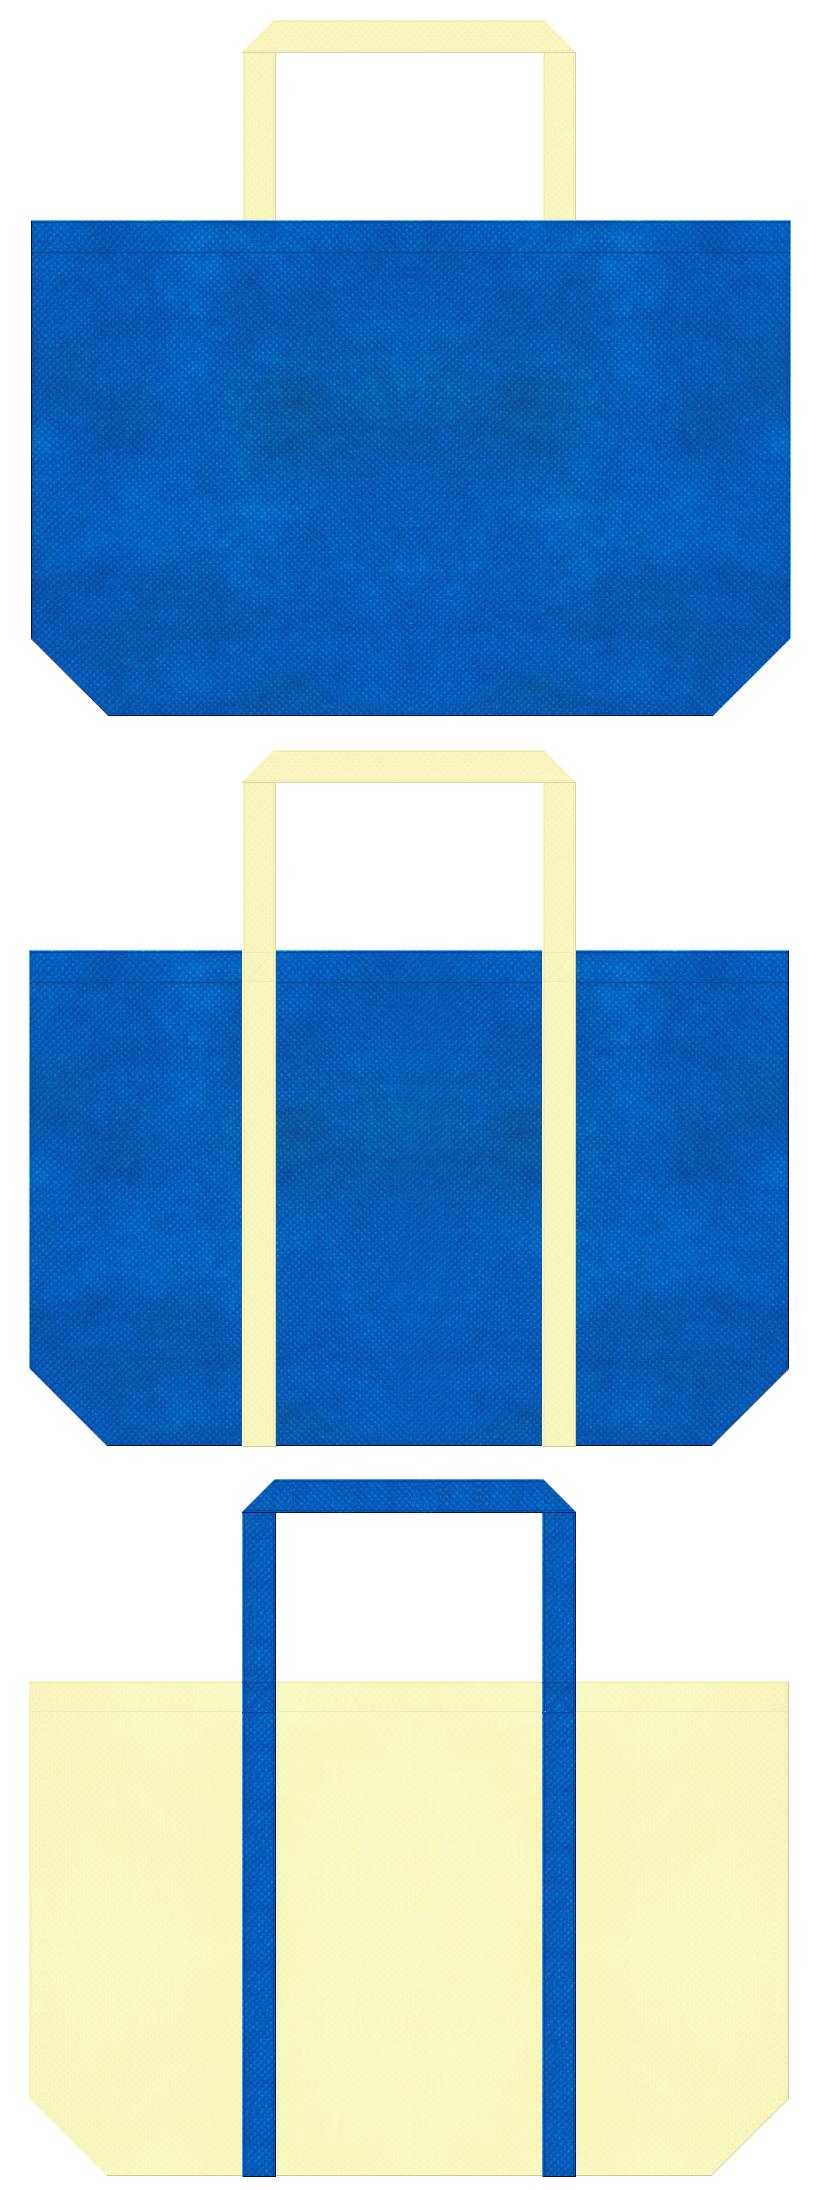 不織布トートバッグ 舟底タイプ 不織布カラーNo.22スカイブルーとクリームイエローの組み合わせ